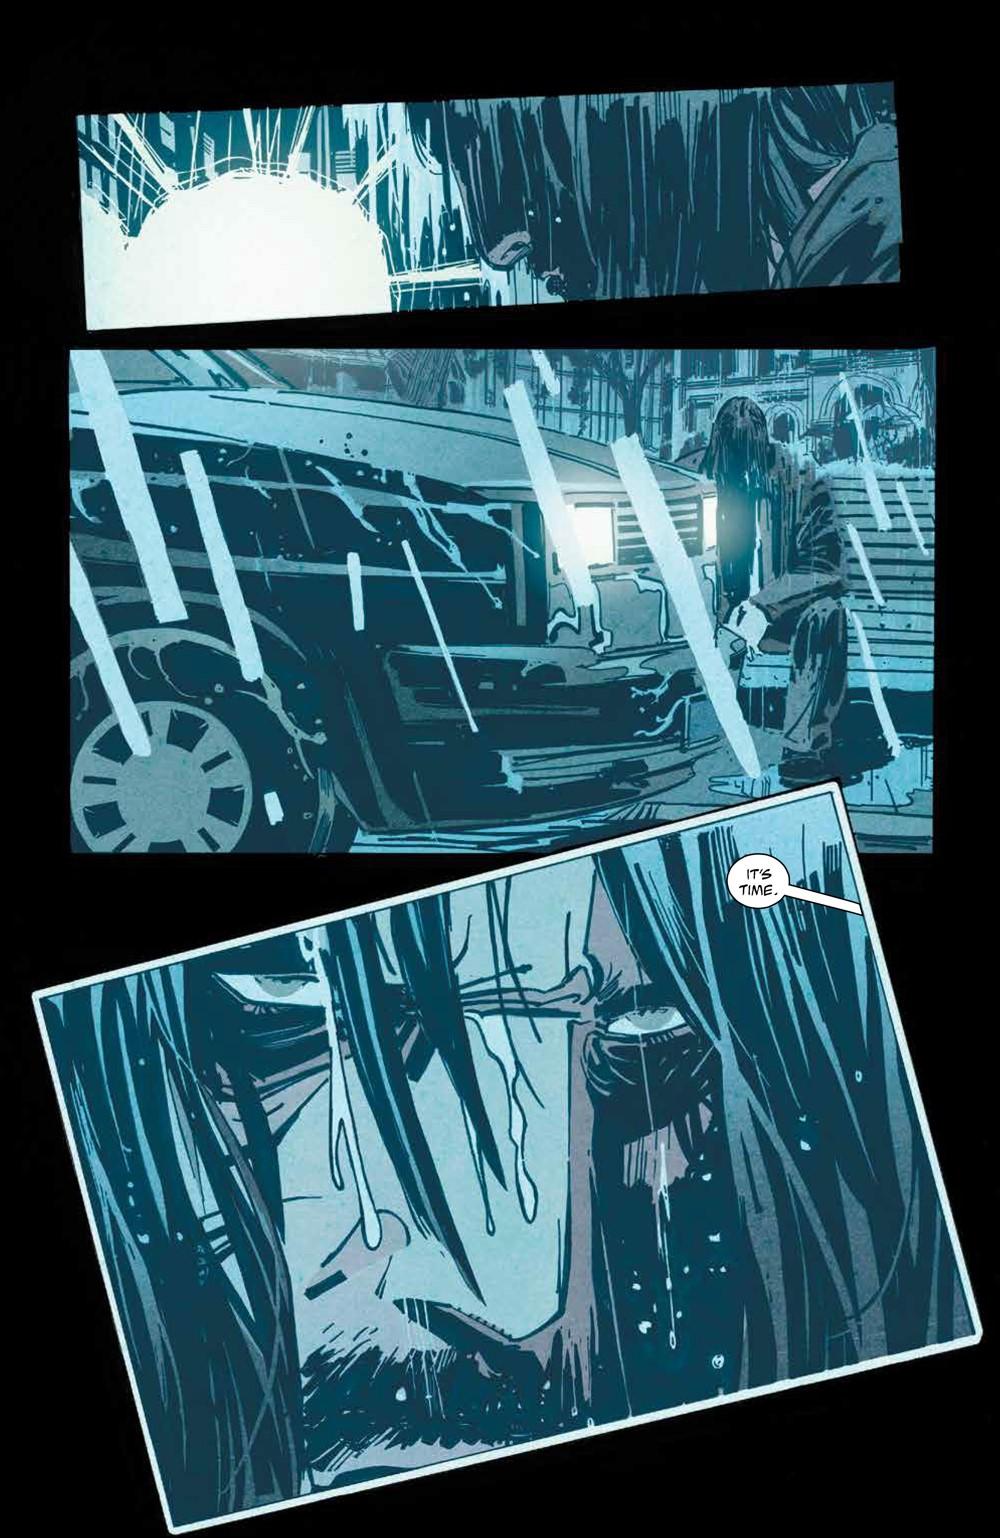 BRZRKR_v1_SC_PRESS_10 ComicList Previews: BRZRKR VOLUME 1 TP